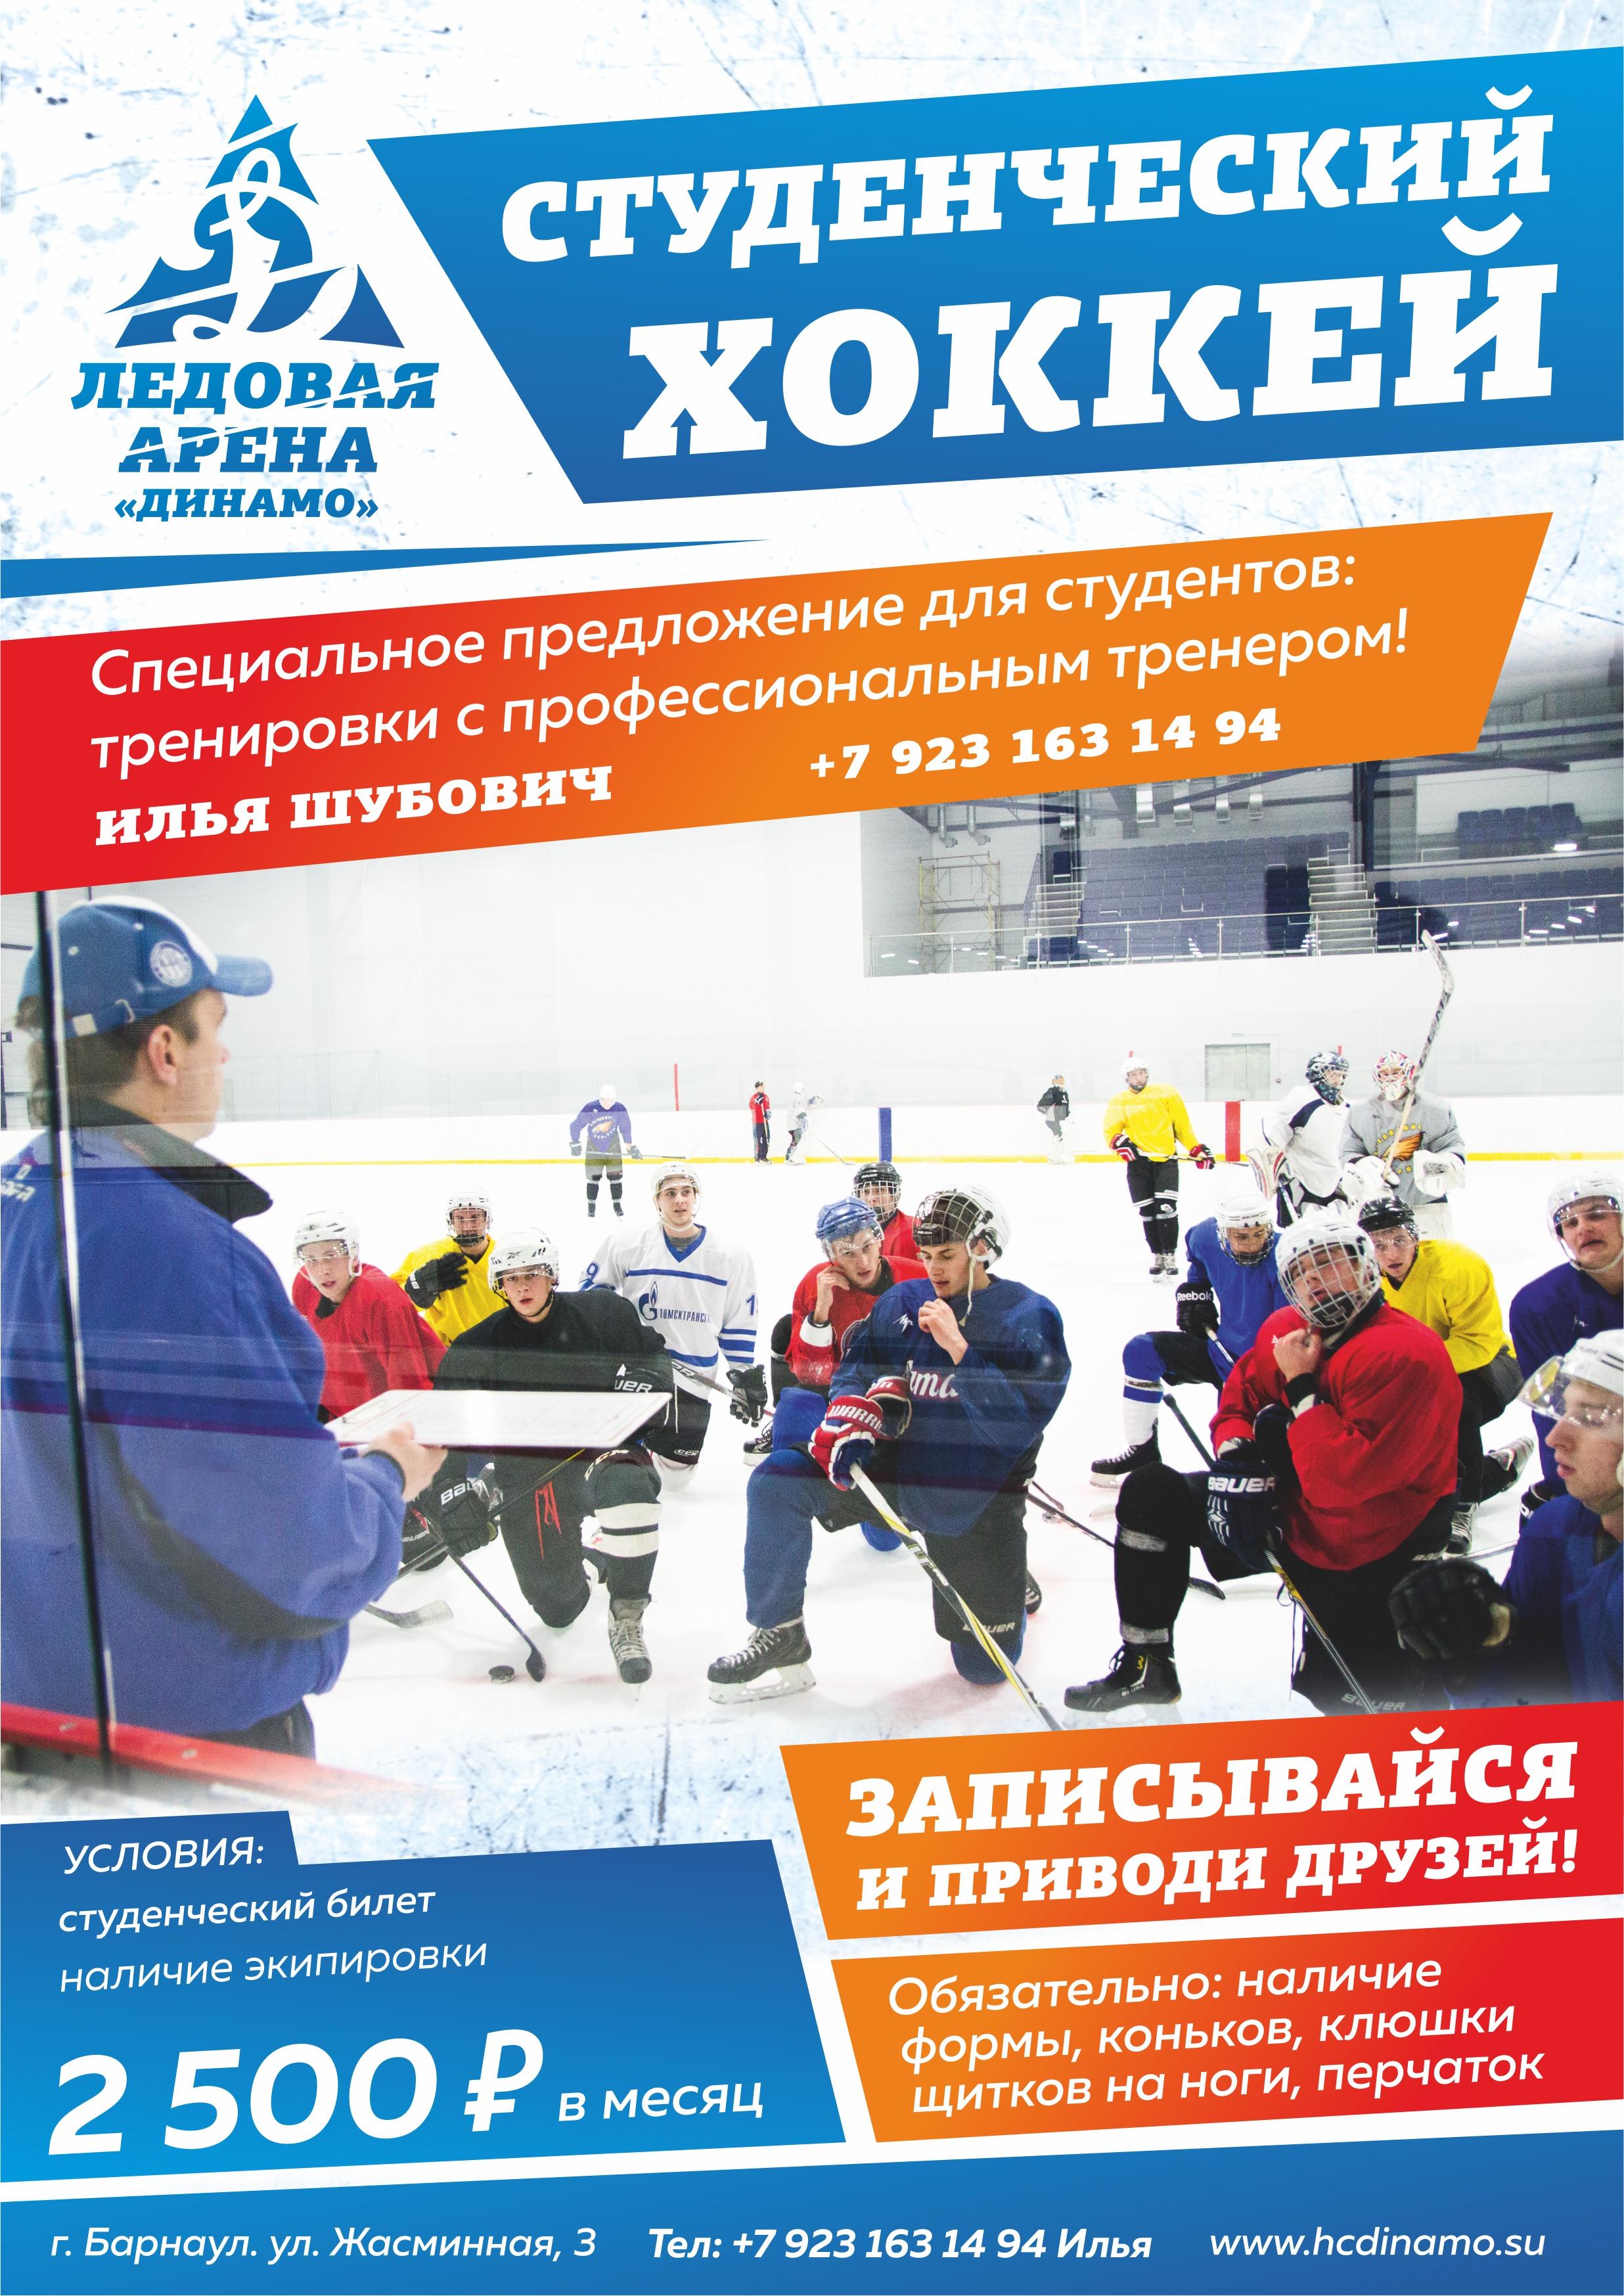 Хоккей для студентов: Специальное предложение от ЛДС Карандин-Арена г. Барнаул